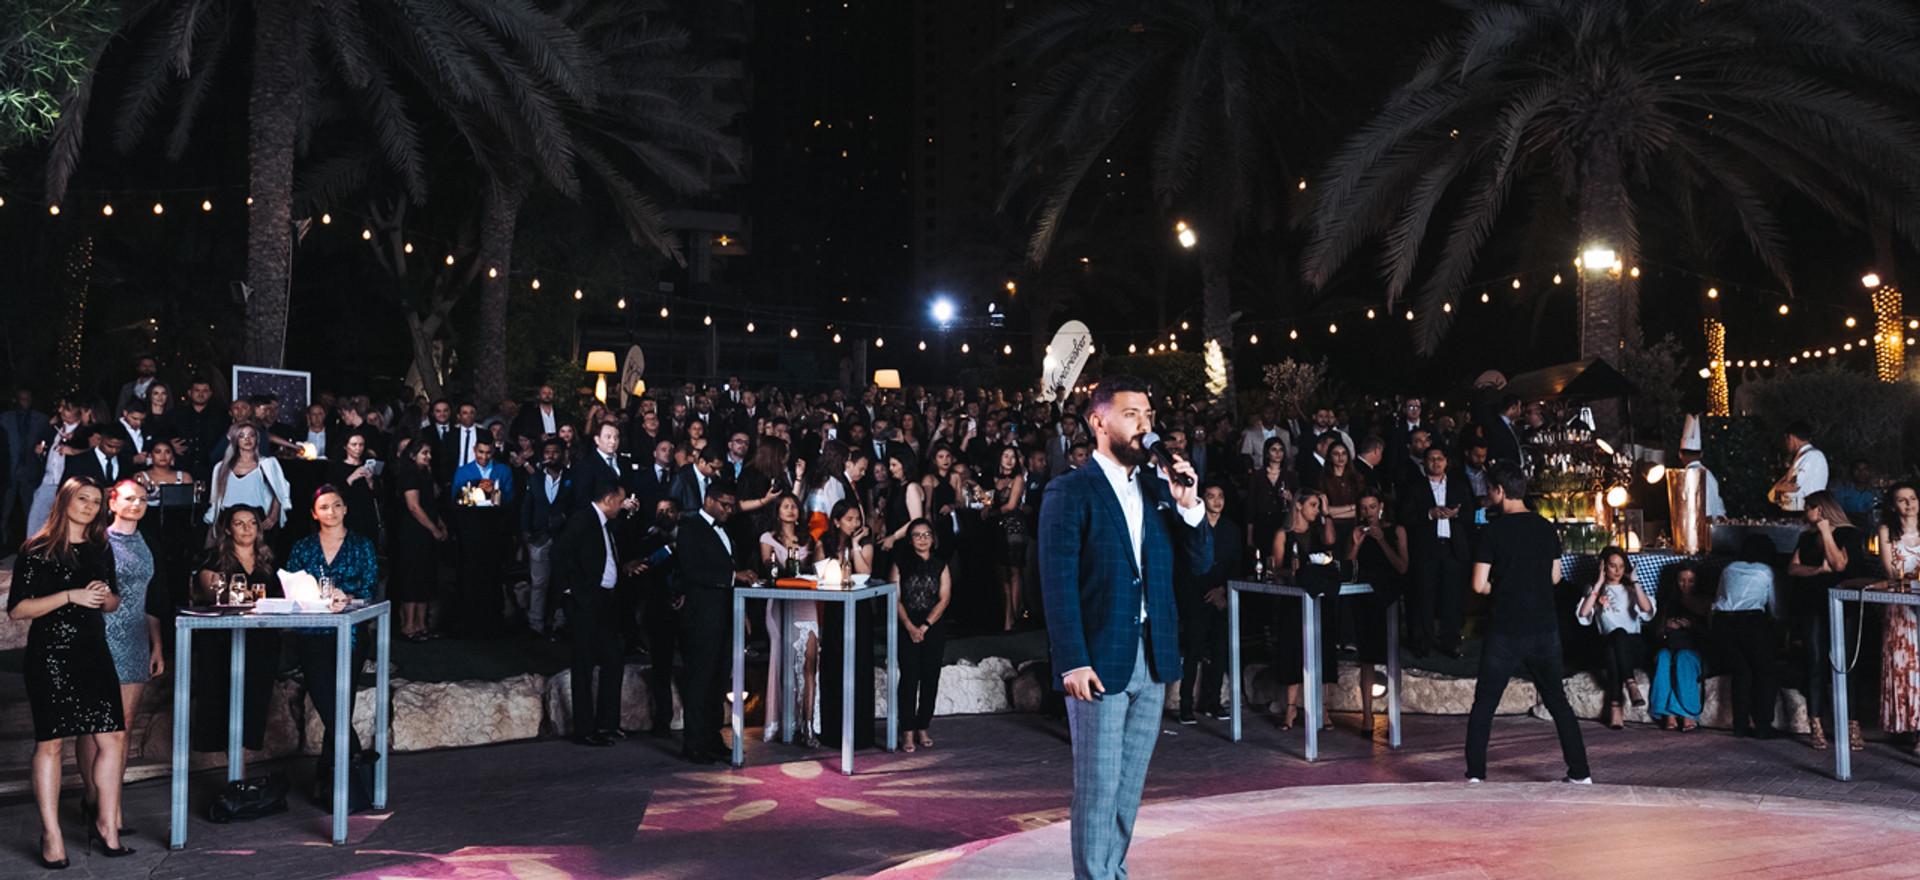 FACT DINING AWARDS DUBAI 2019